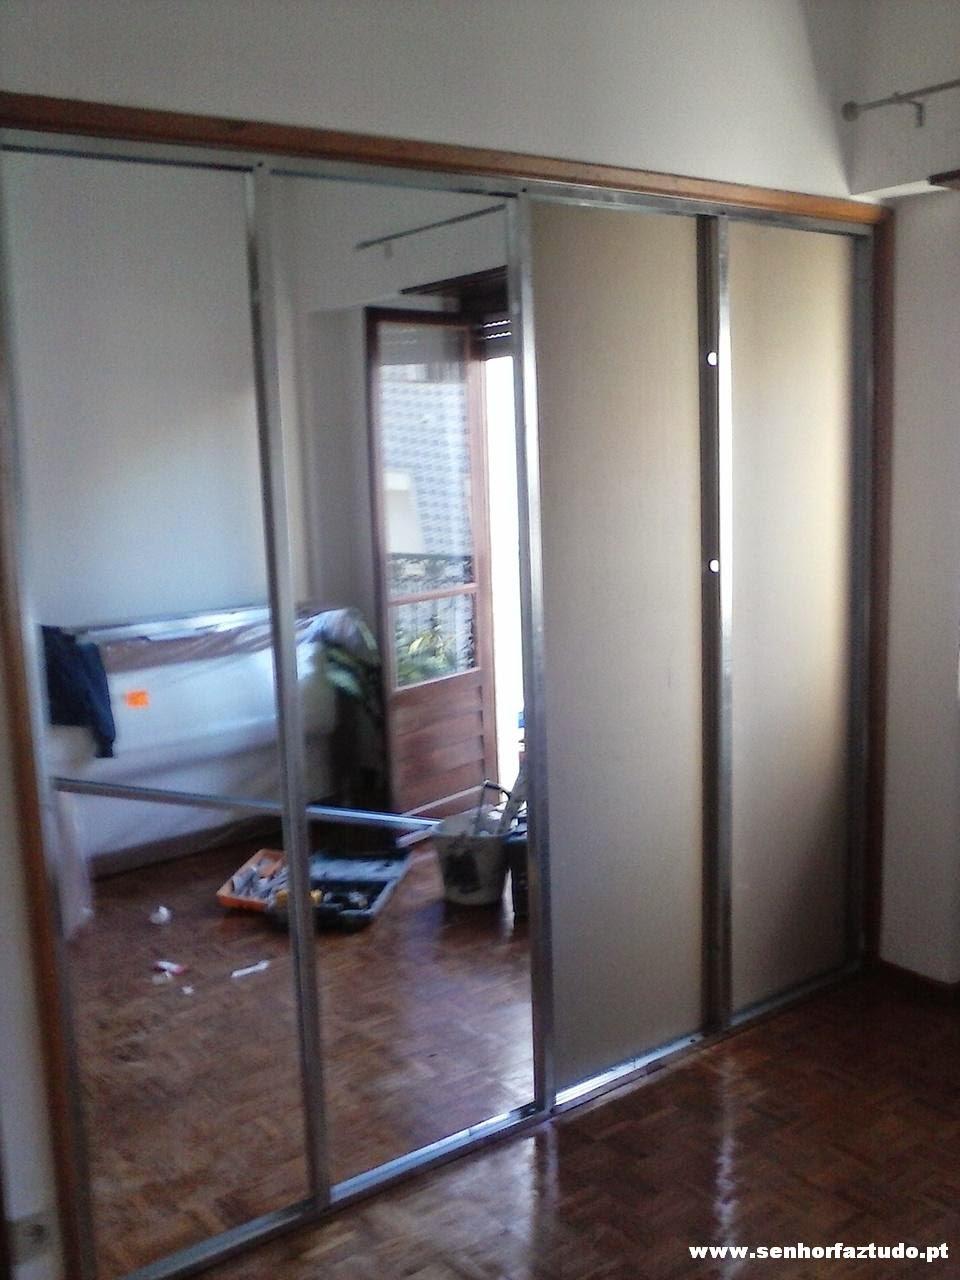 Senhor faz tudo faz tudo pelo seu lar divis rias em pladur fornecimento e instala o de - Casas de pladur ...